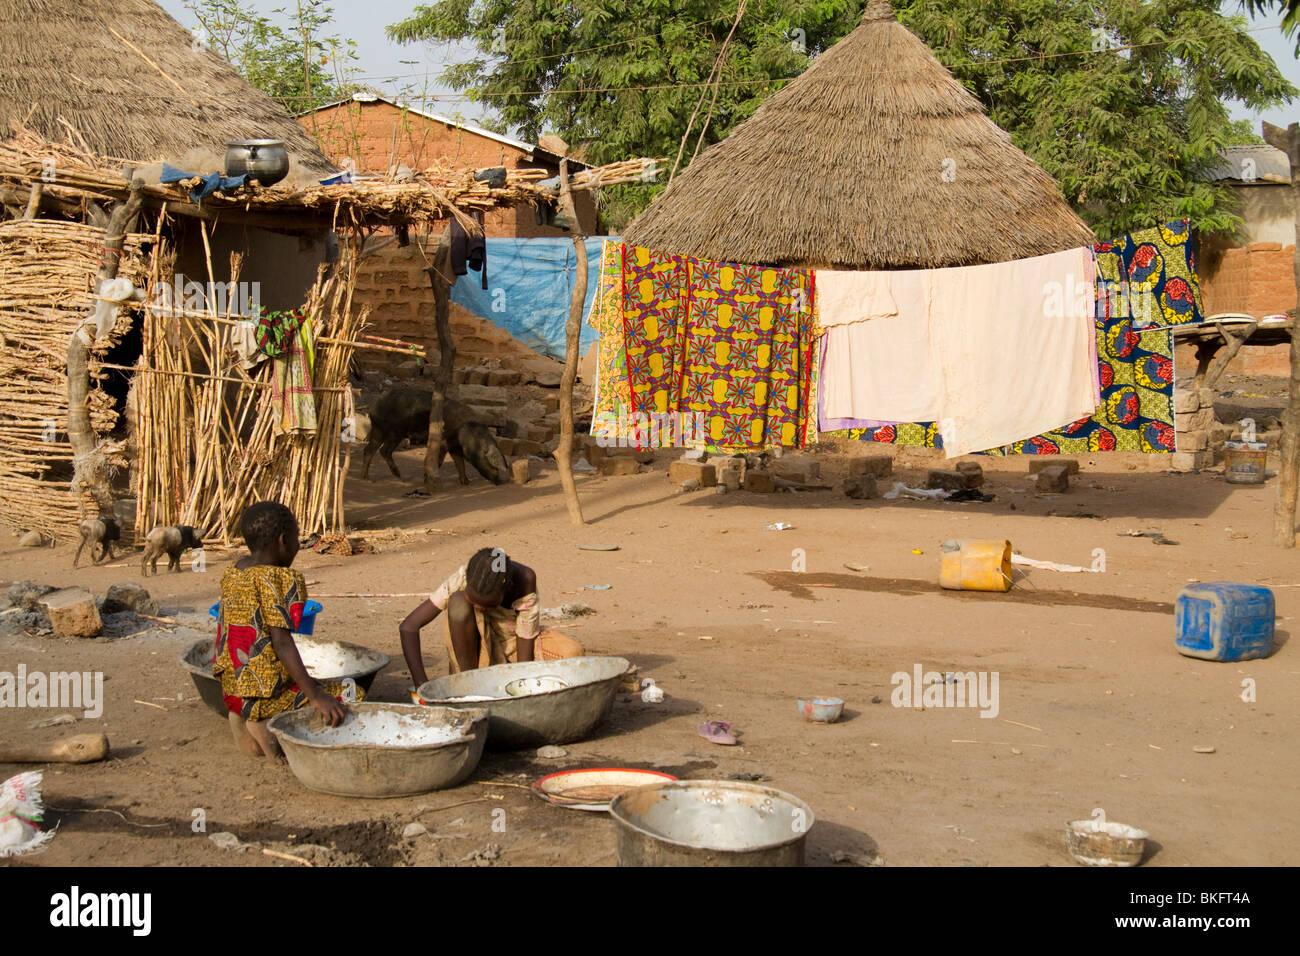 Un villaggio camerunese. Immagini Stock